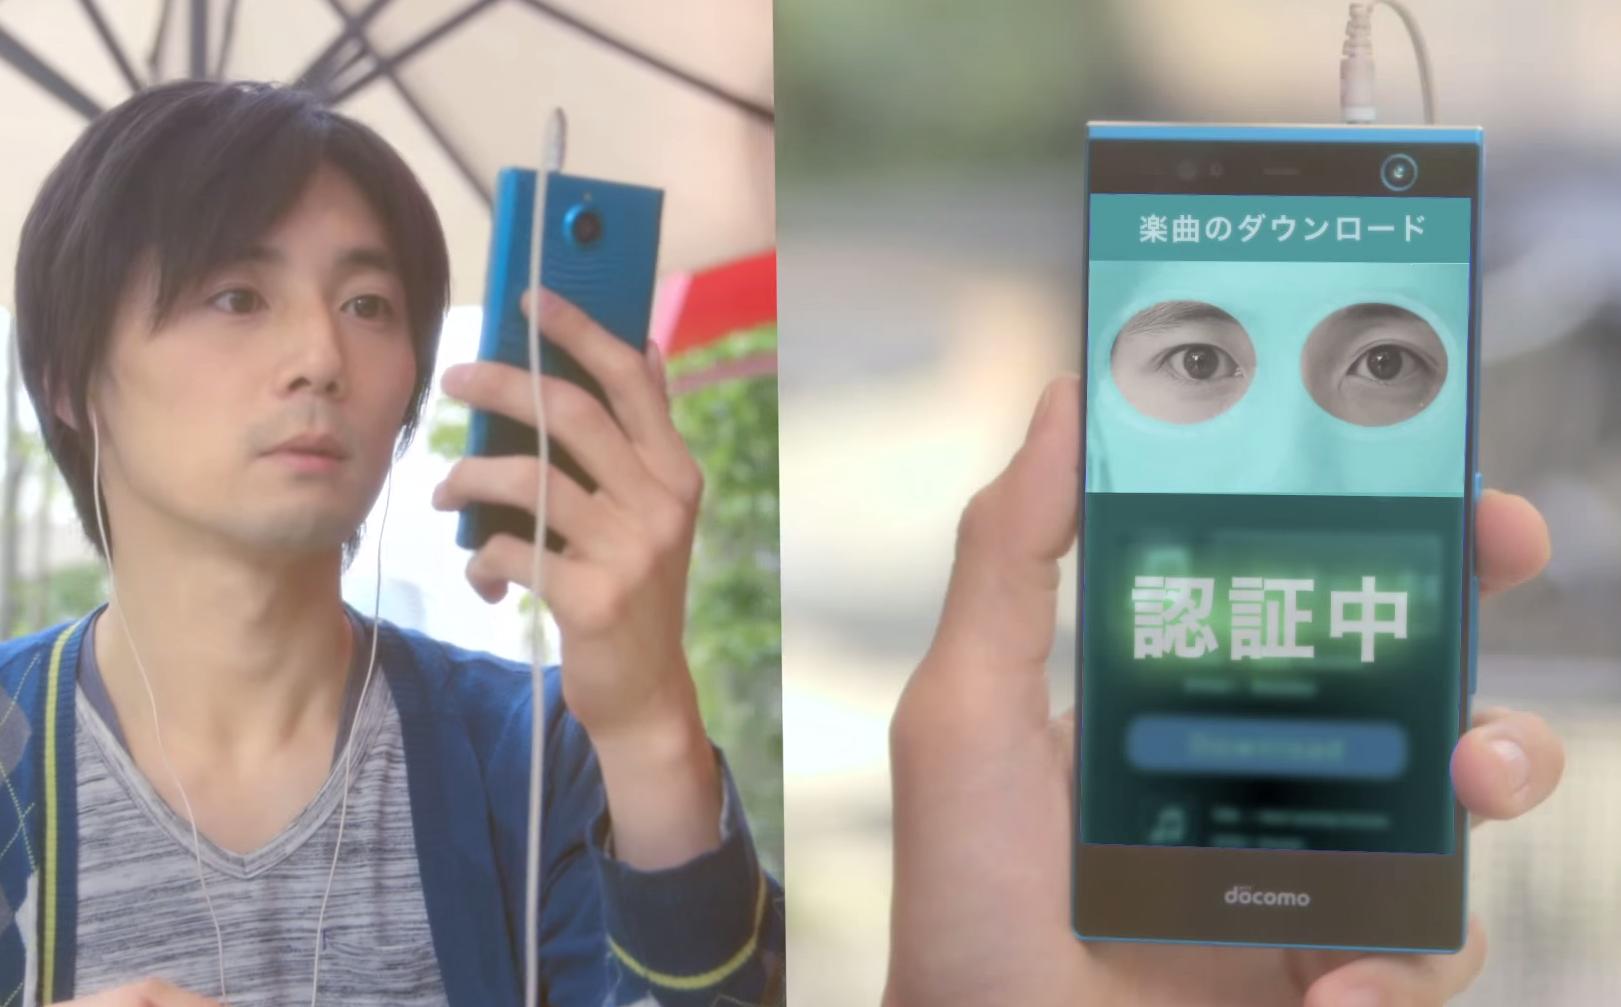 Smartphone-ul Fujitsu Arrows NX F-04G cu scanner de retina a fost lansat in Japonia